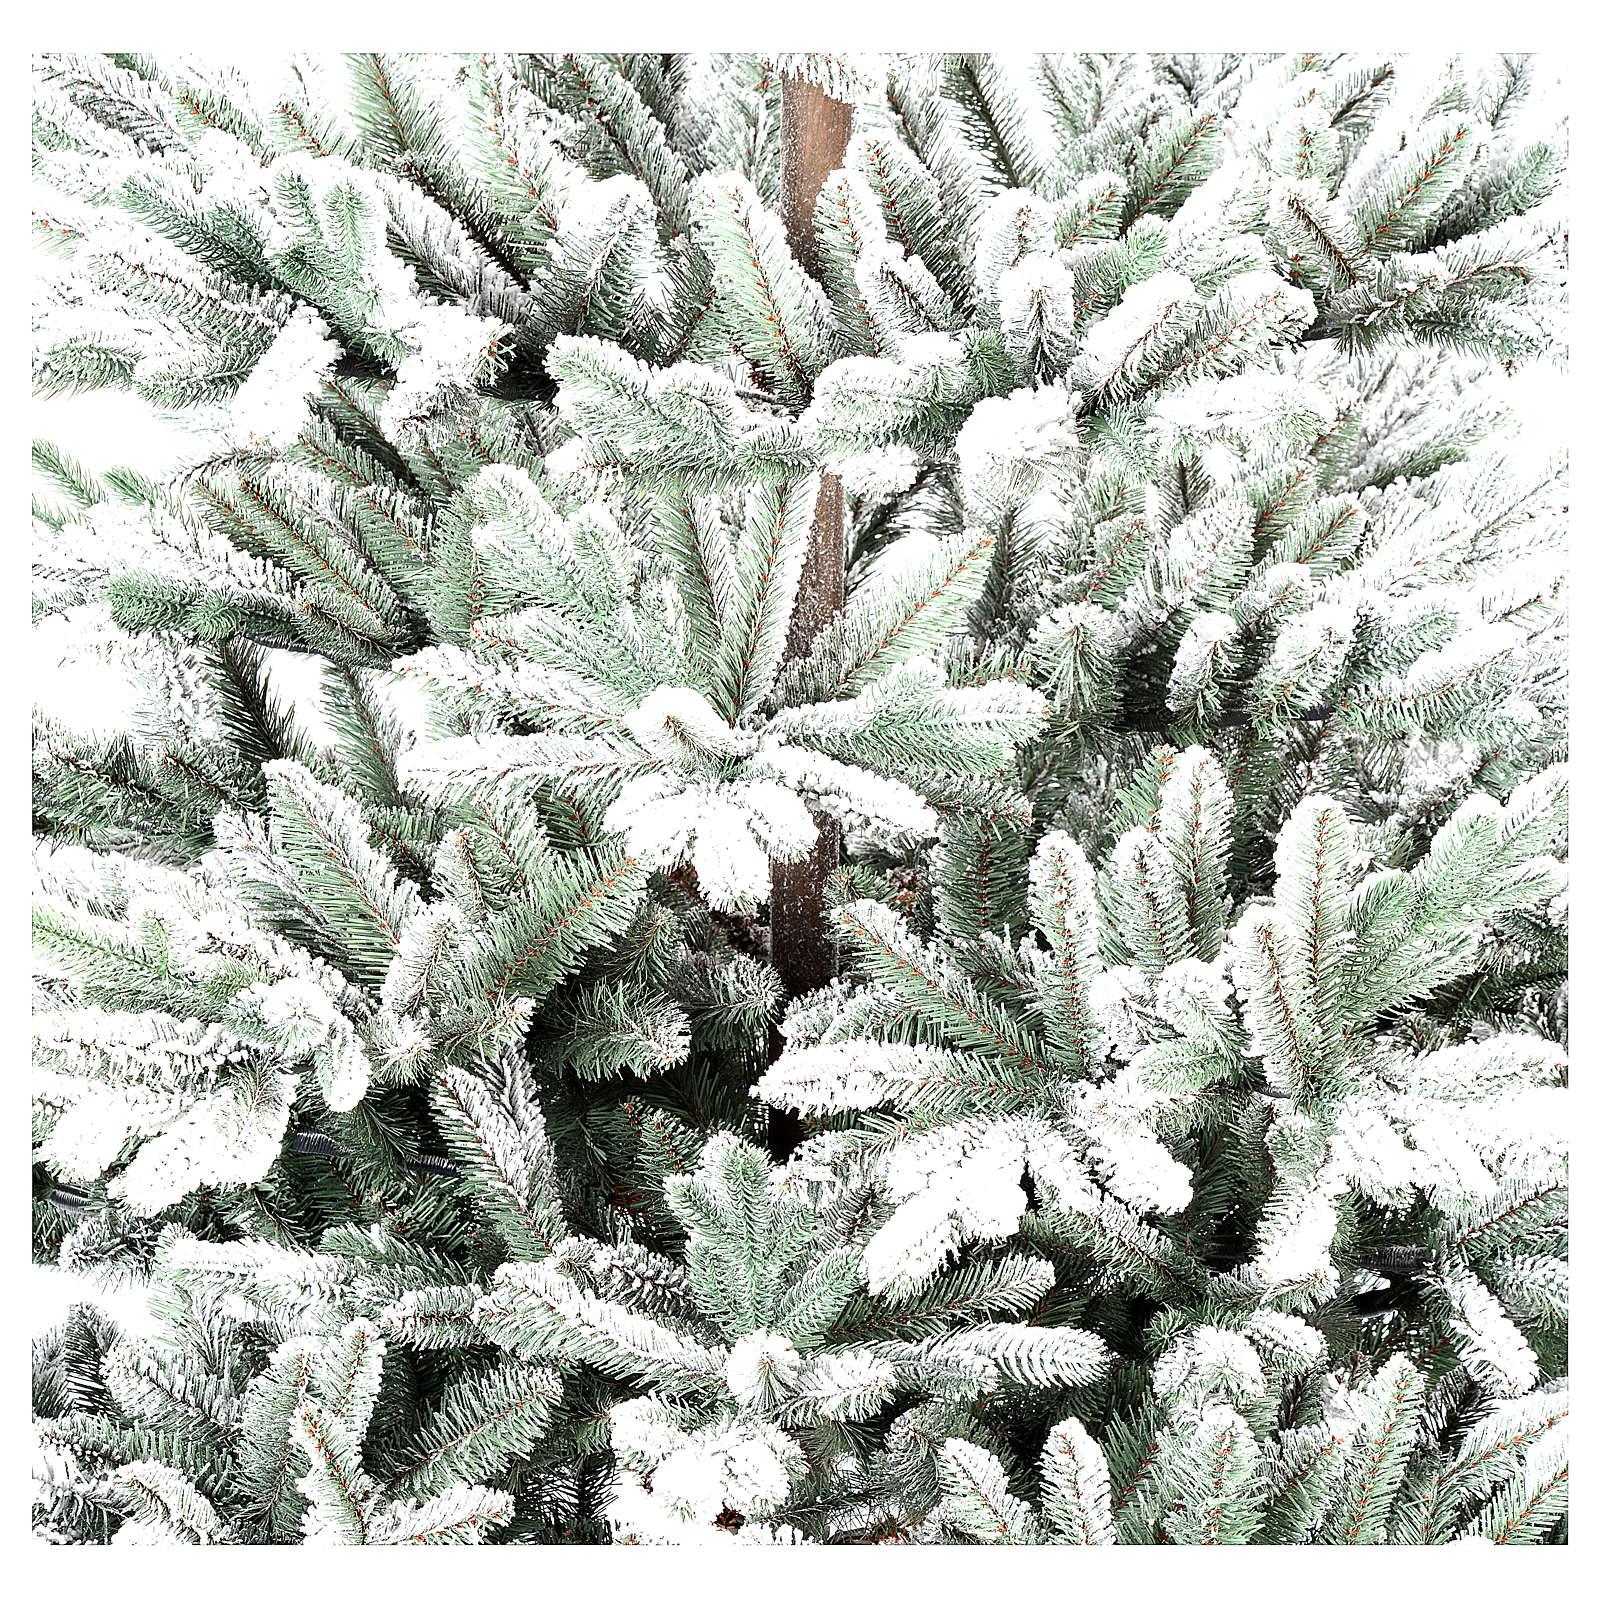 Sapin de Noël 225 cm Poly enneigé Imperial 3